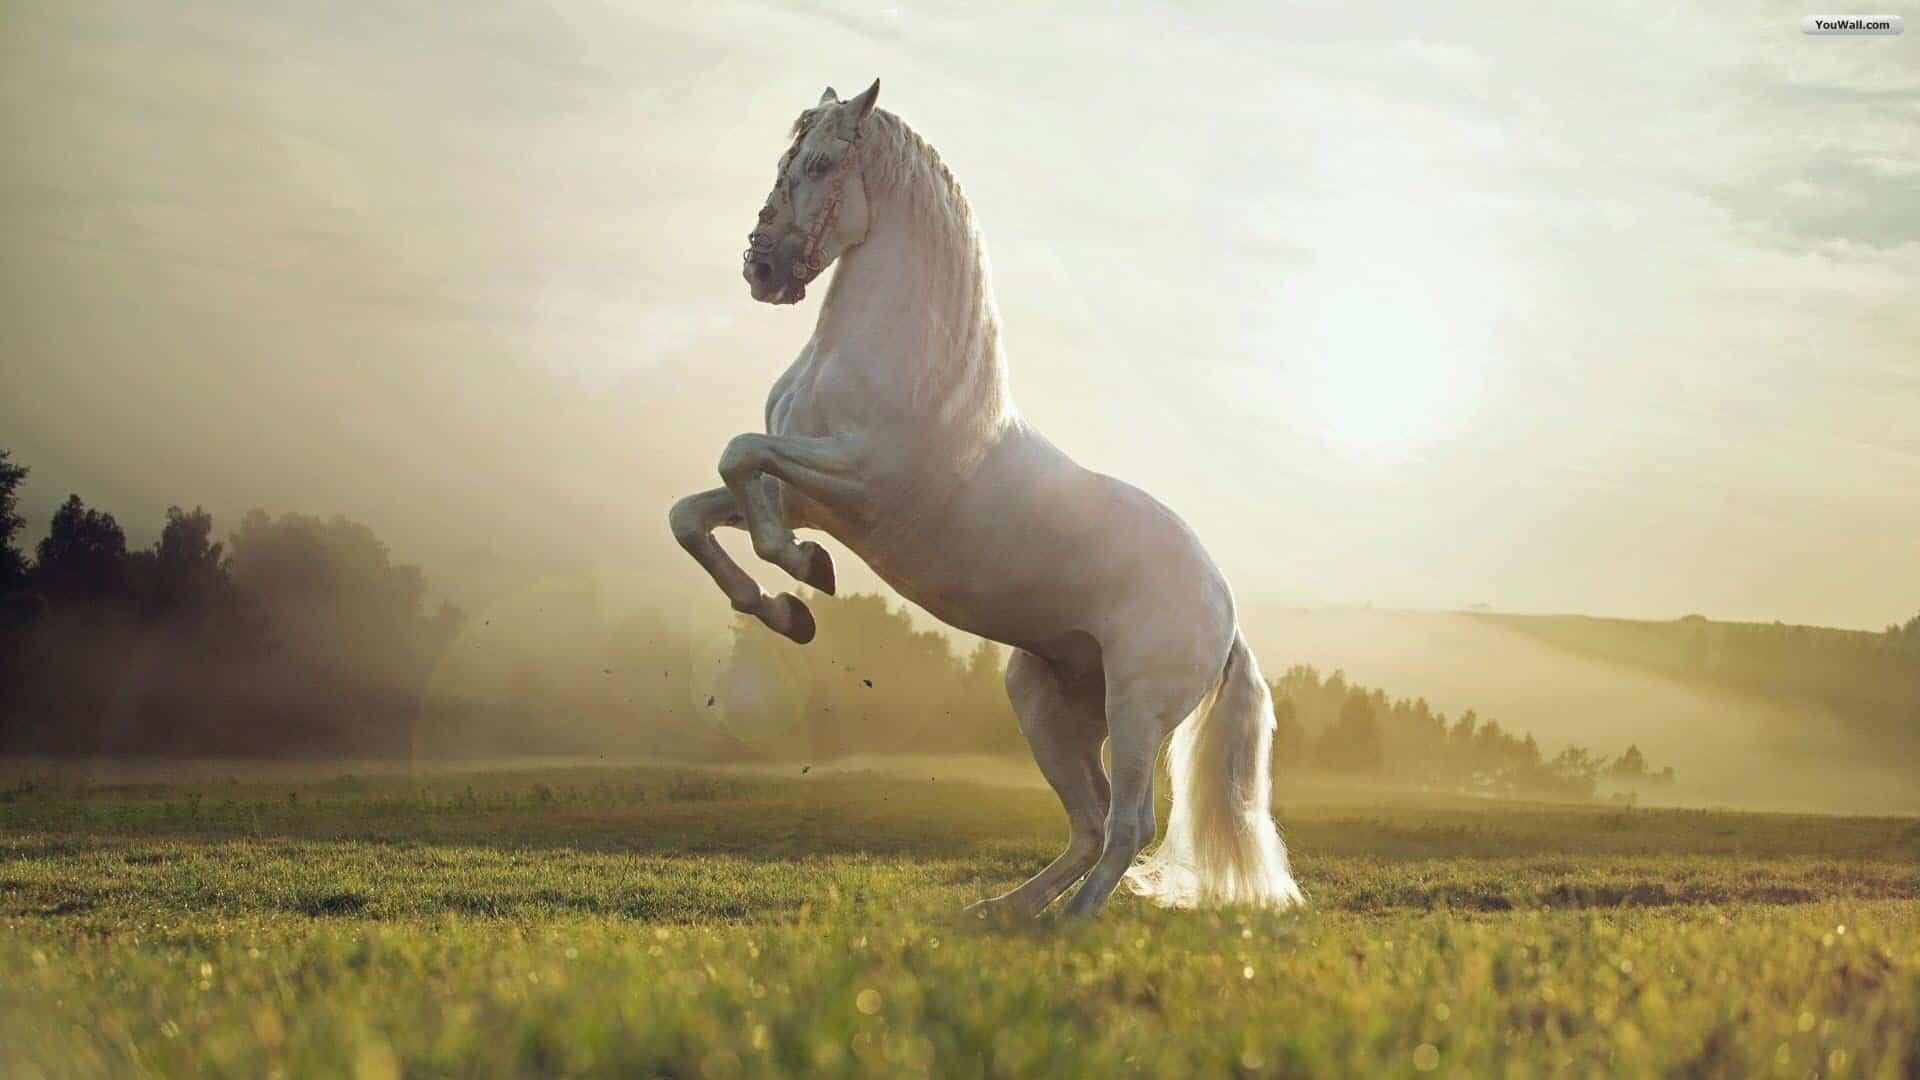 Толкование снов конь, сон конь, приснилось конь.